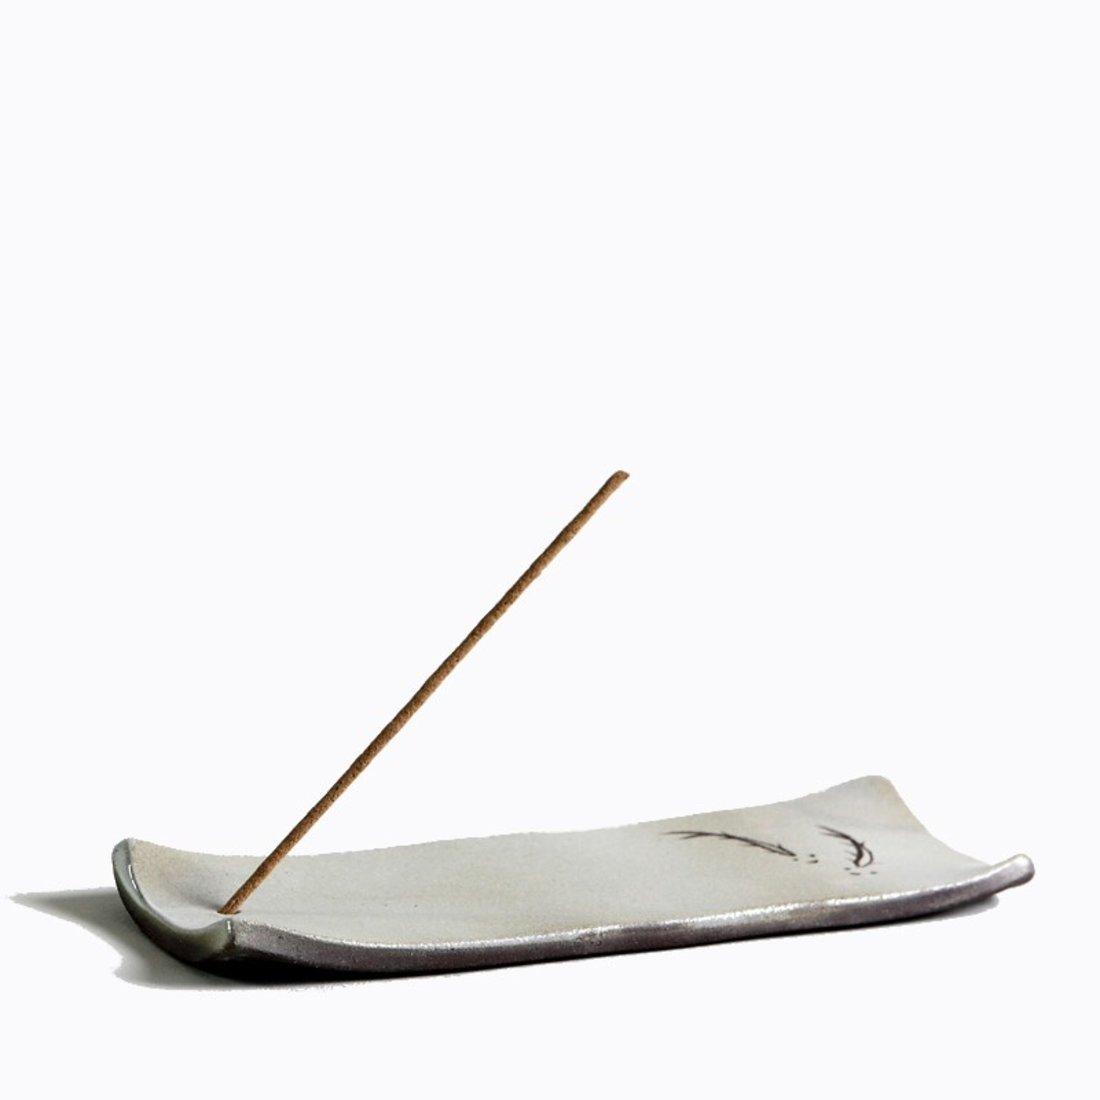 「粗陶香插 」手工陶瓷香台,百诗园茶诵,建e优选,设计图片